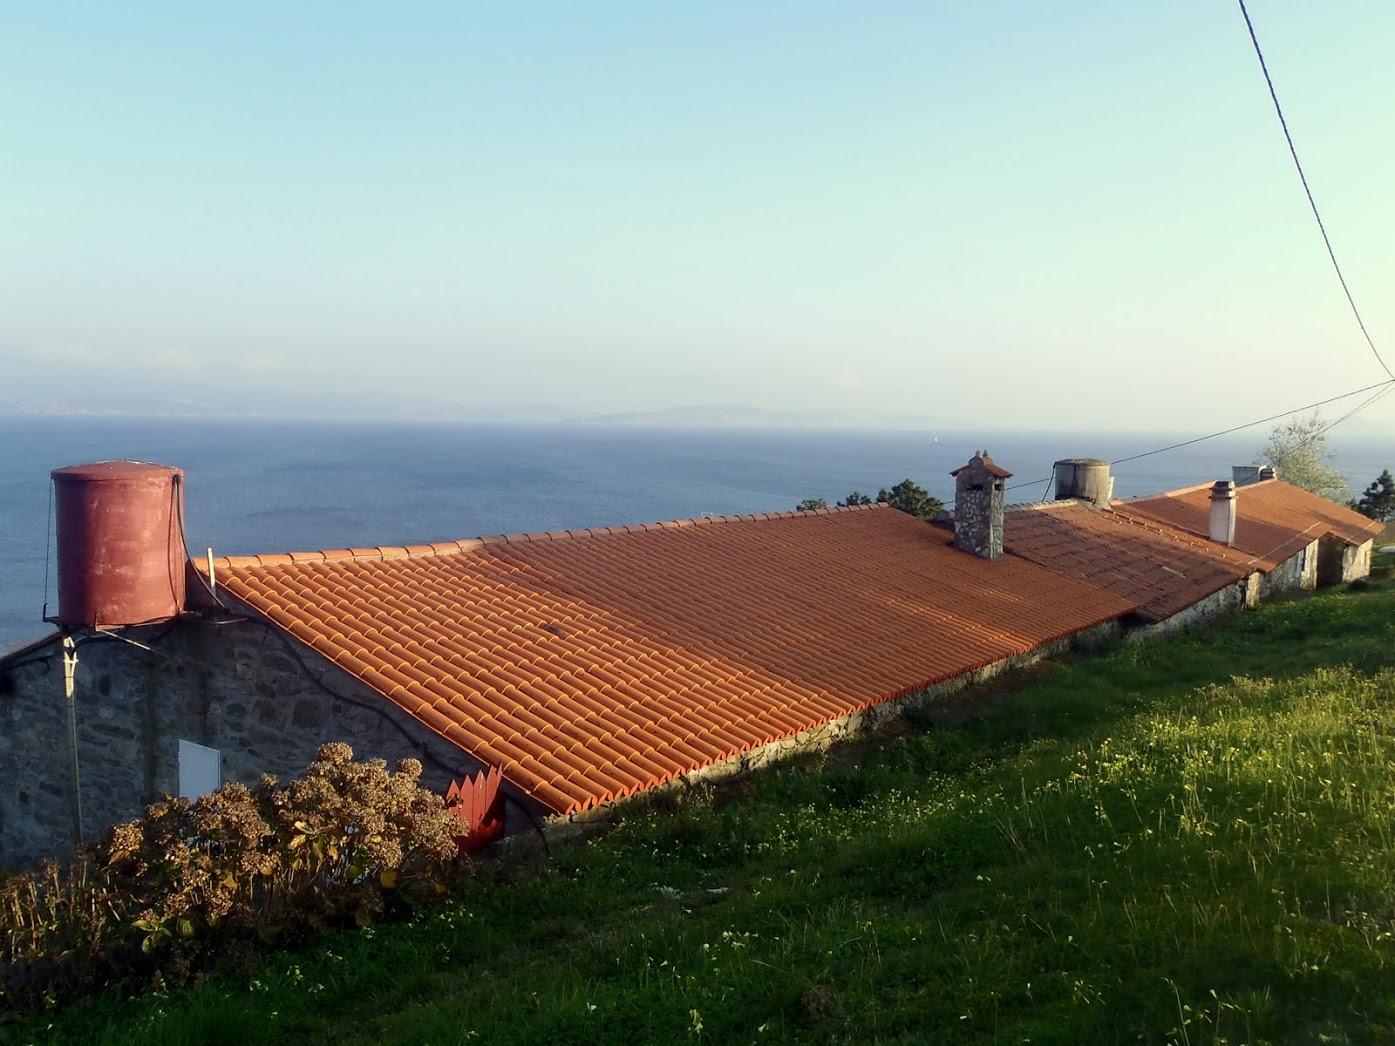 Medio Ambiente prevé convocar no vindeiro trimestre as primeiras axudas á rehabilitación na ARI insular do Parque Nacional Illas Atlánticas de Galicia